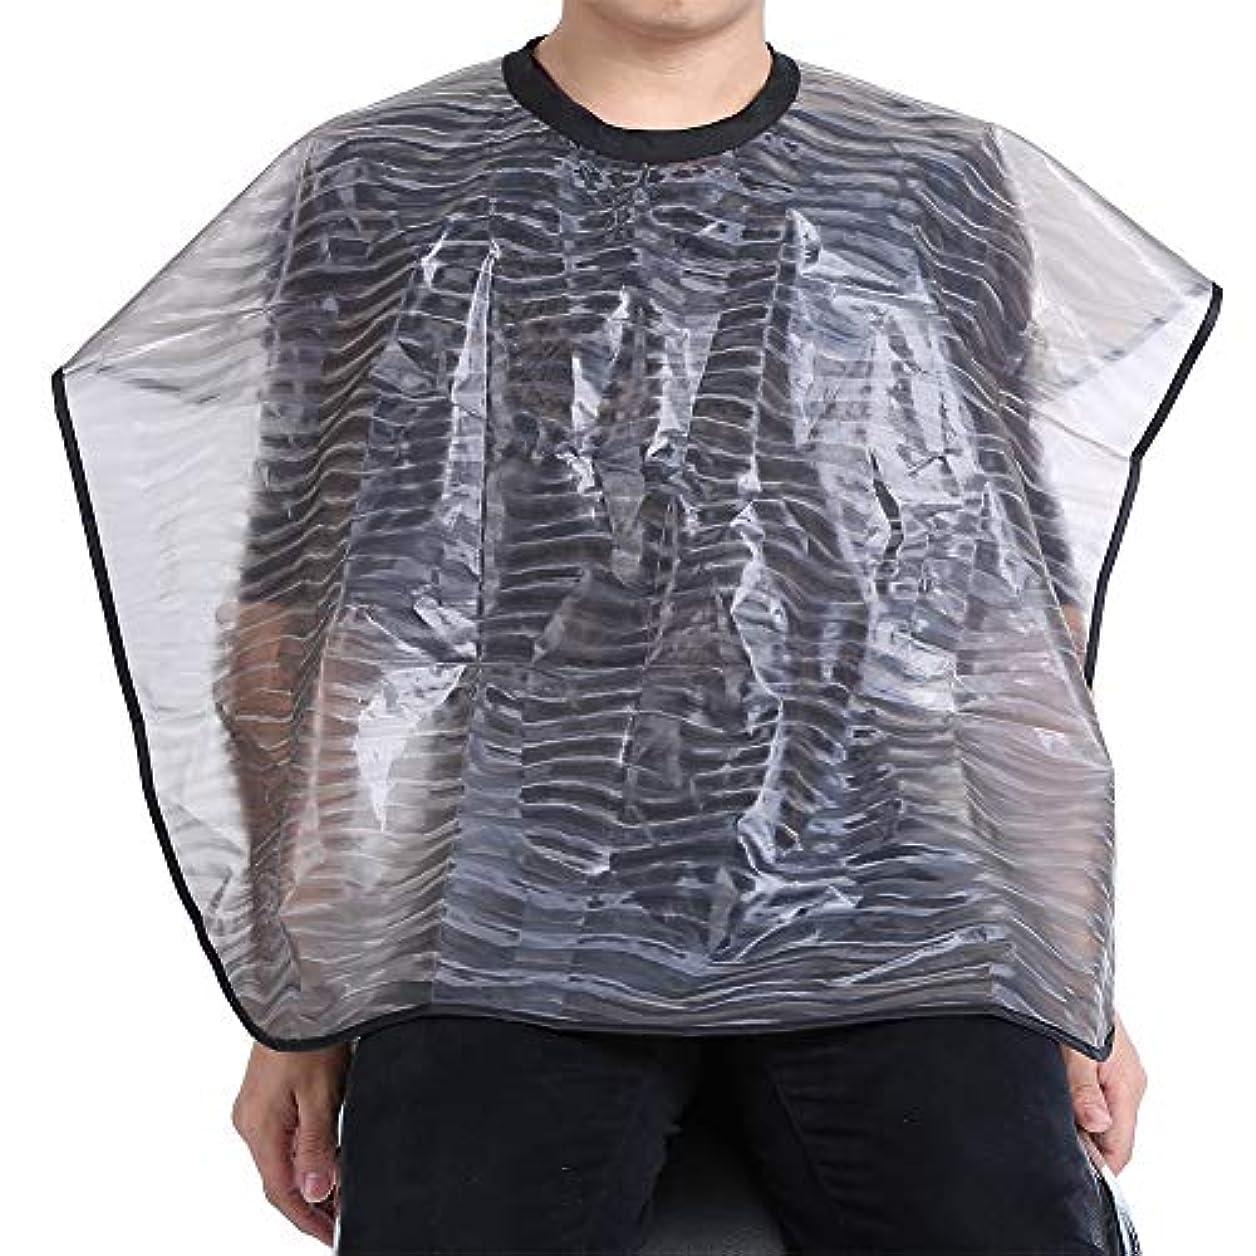 ワードローブ軽減廃棄する2サイズ防水再利用可能なサロン理髪布-耐久性のあるヘアスタイリストガウンバーバーケープ(01)